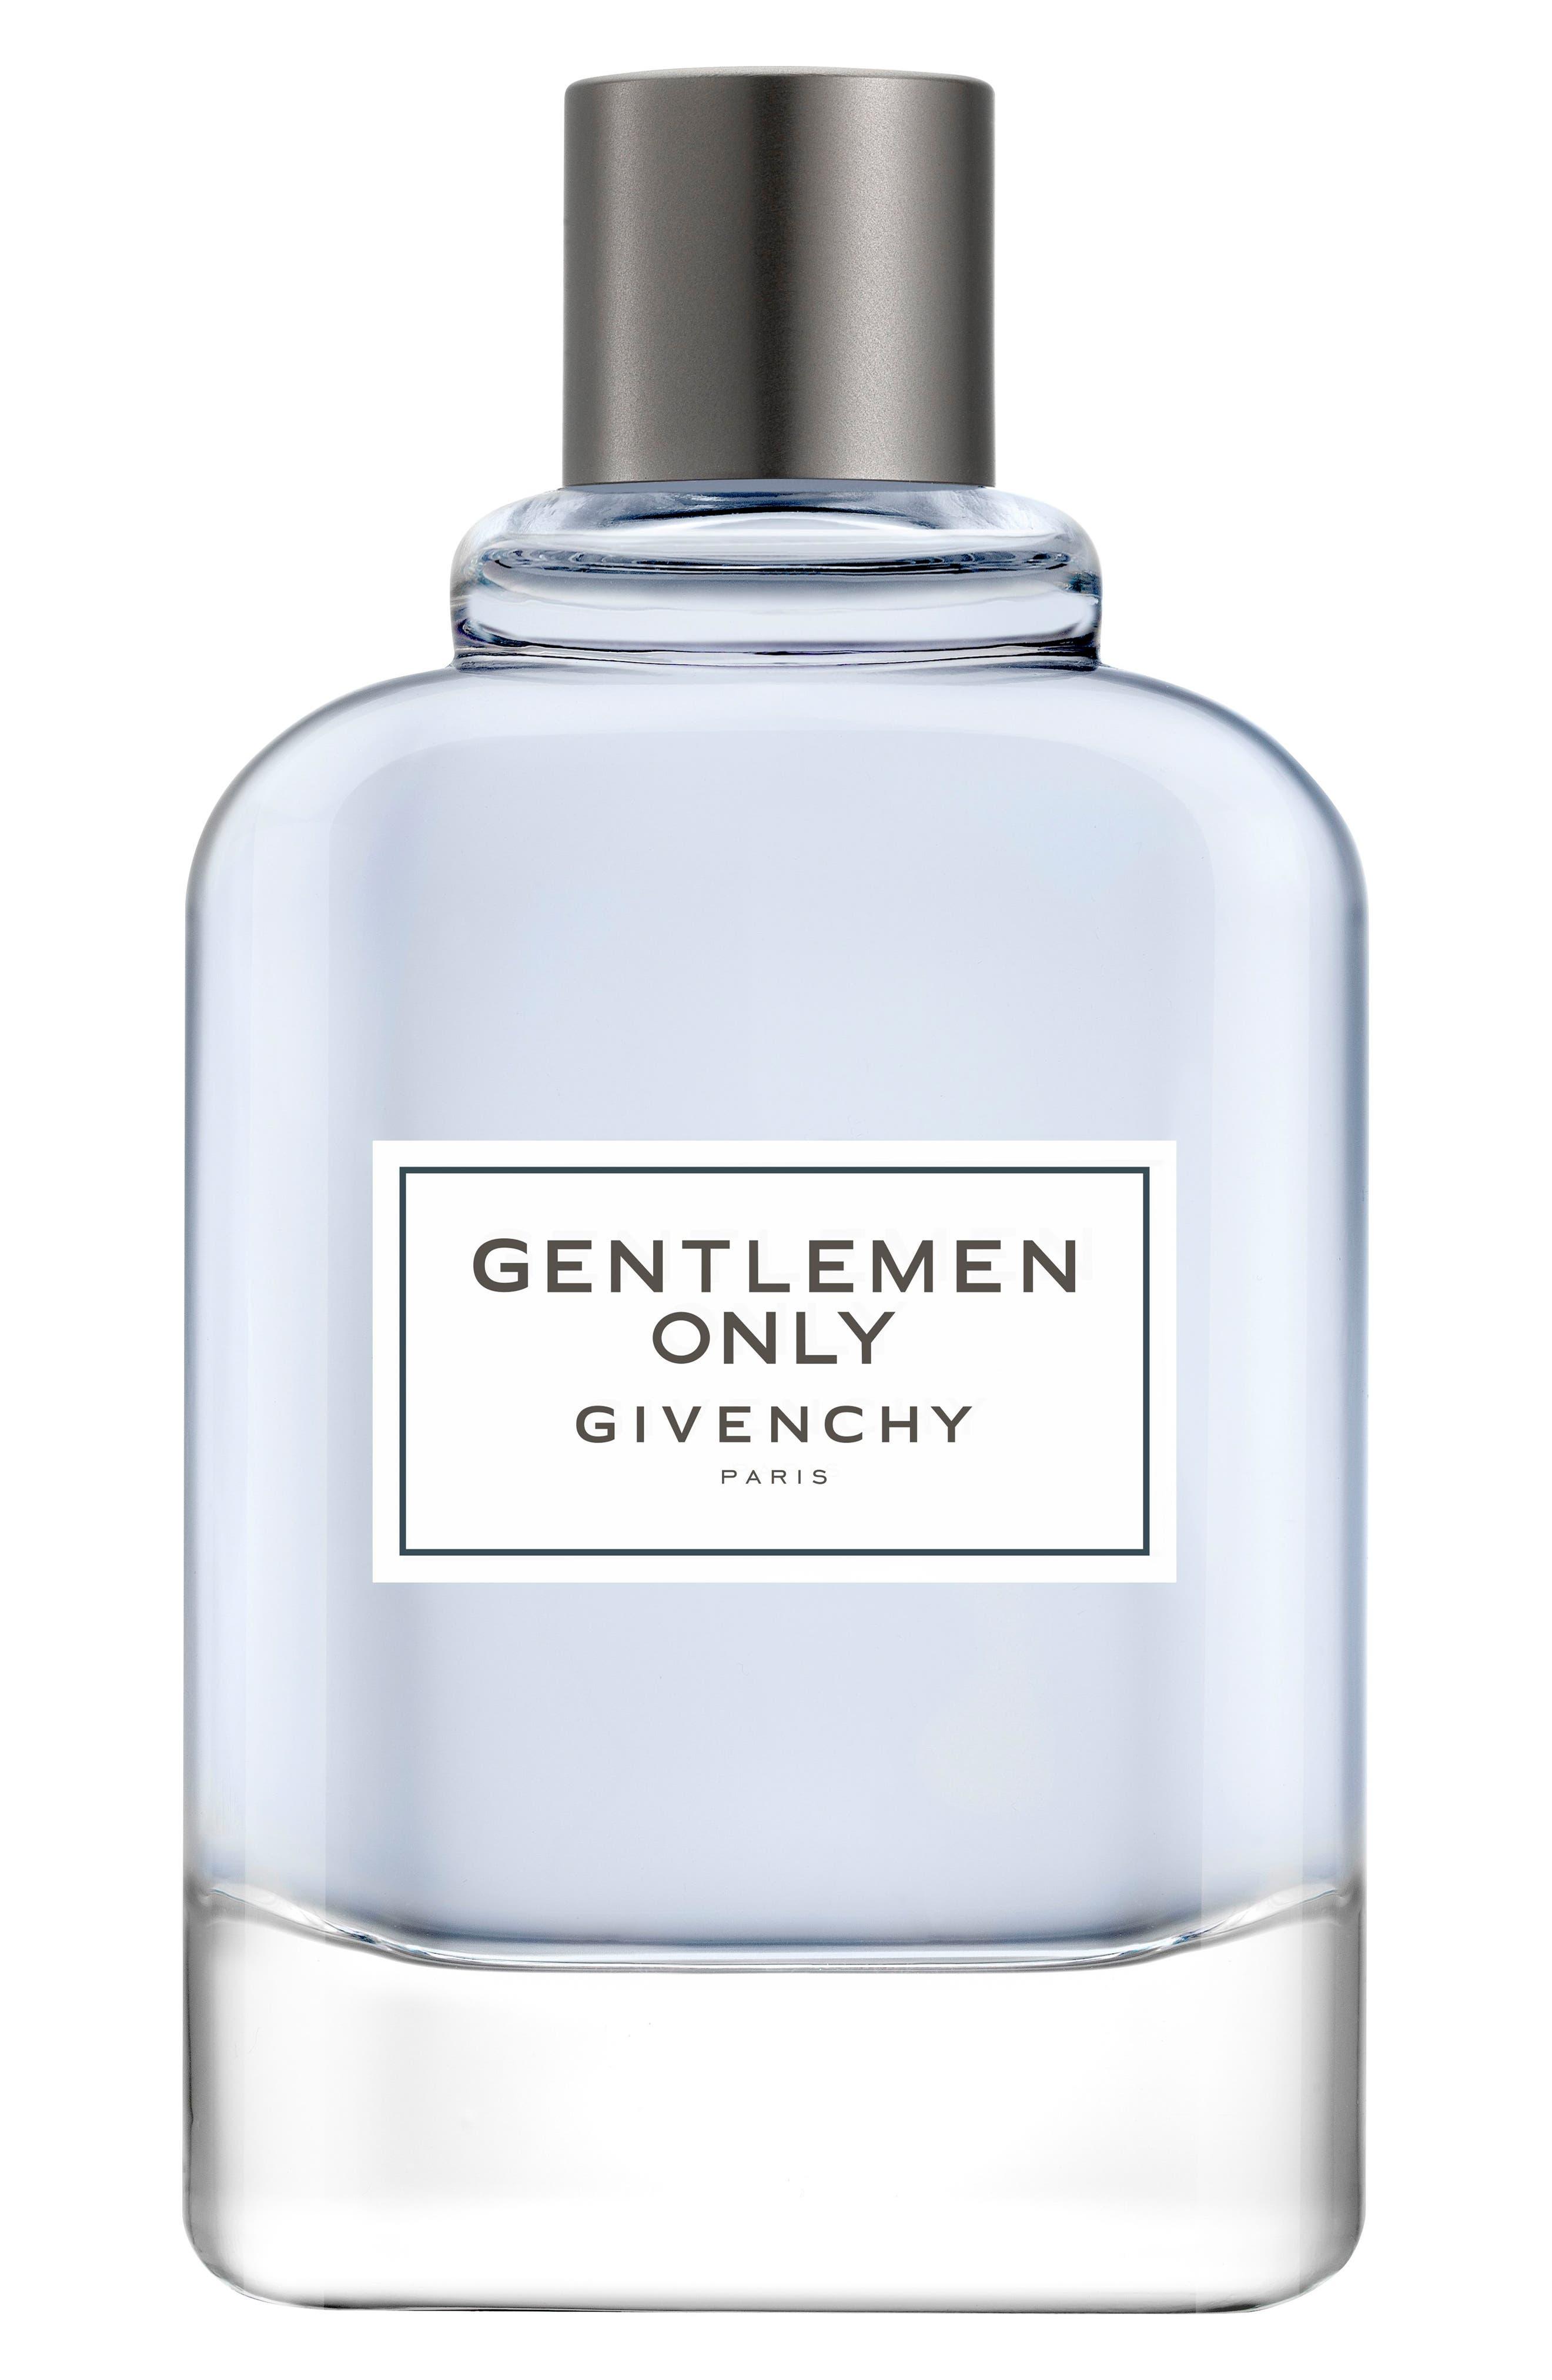 GIVENCHY, 'Gentlemen Only' Eau de Toilette, Main thumbnail 1, color, NO COLOR